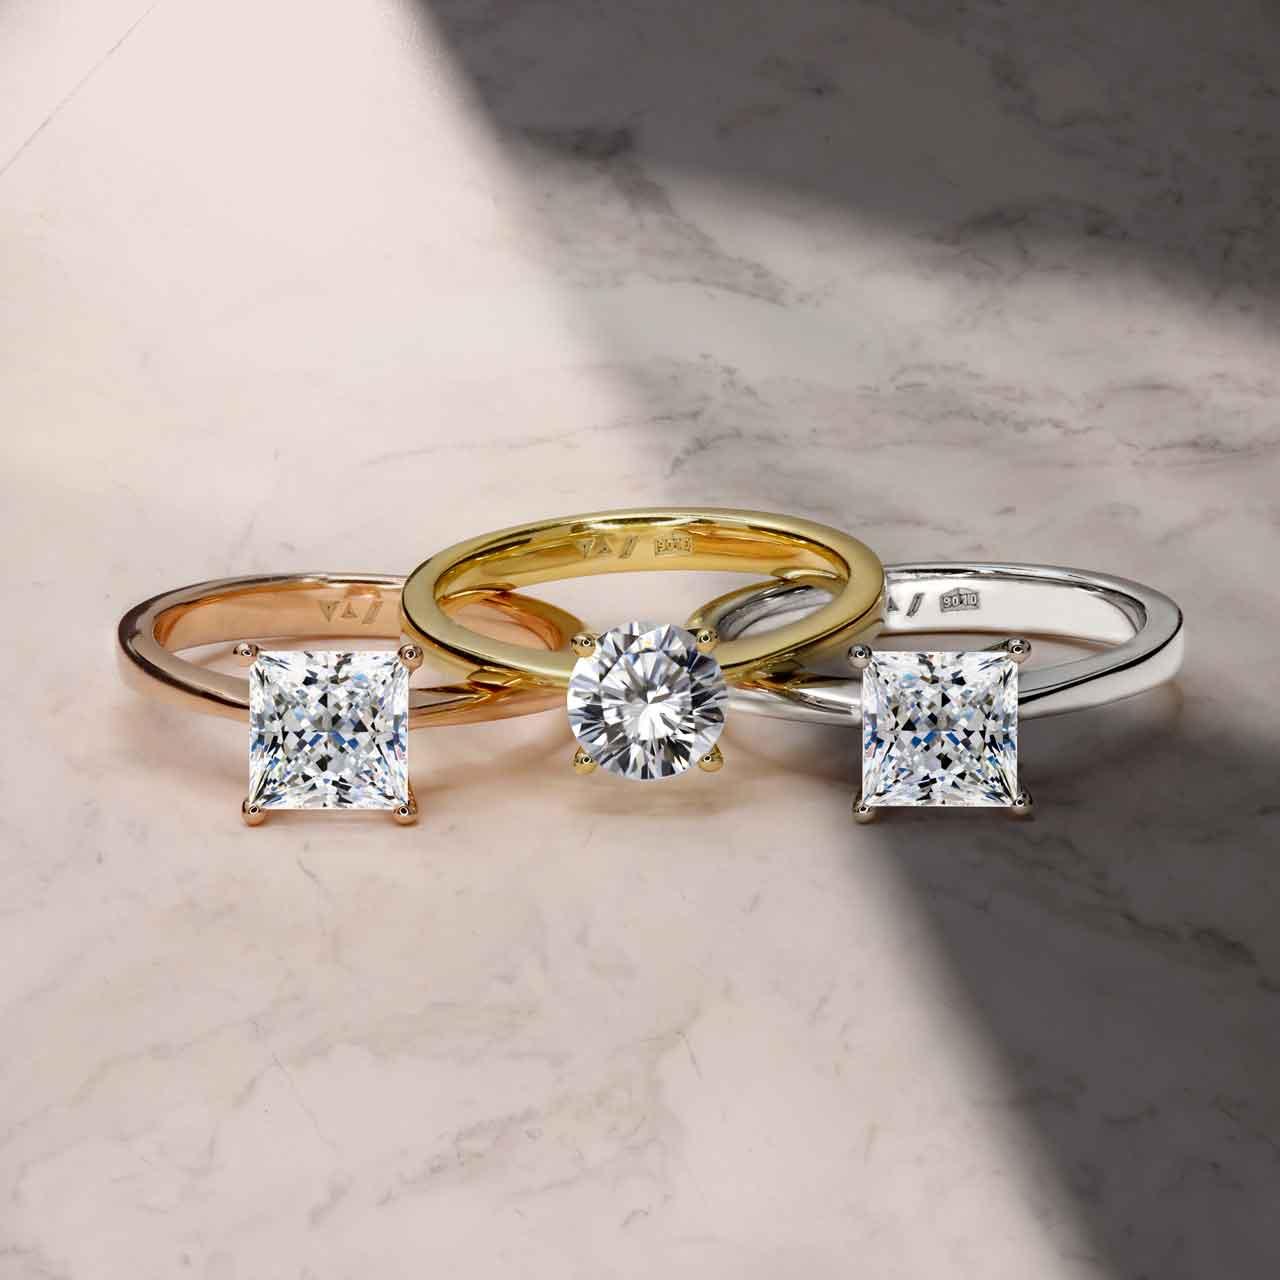 Gordon Max - The World's Finest Eco-Diamond & Cultured Diamonds